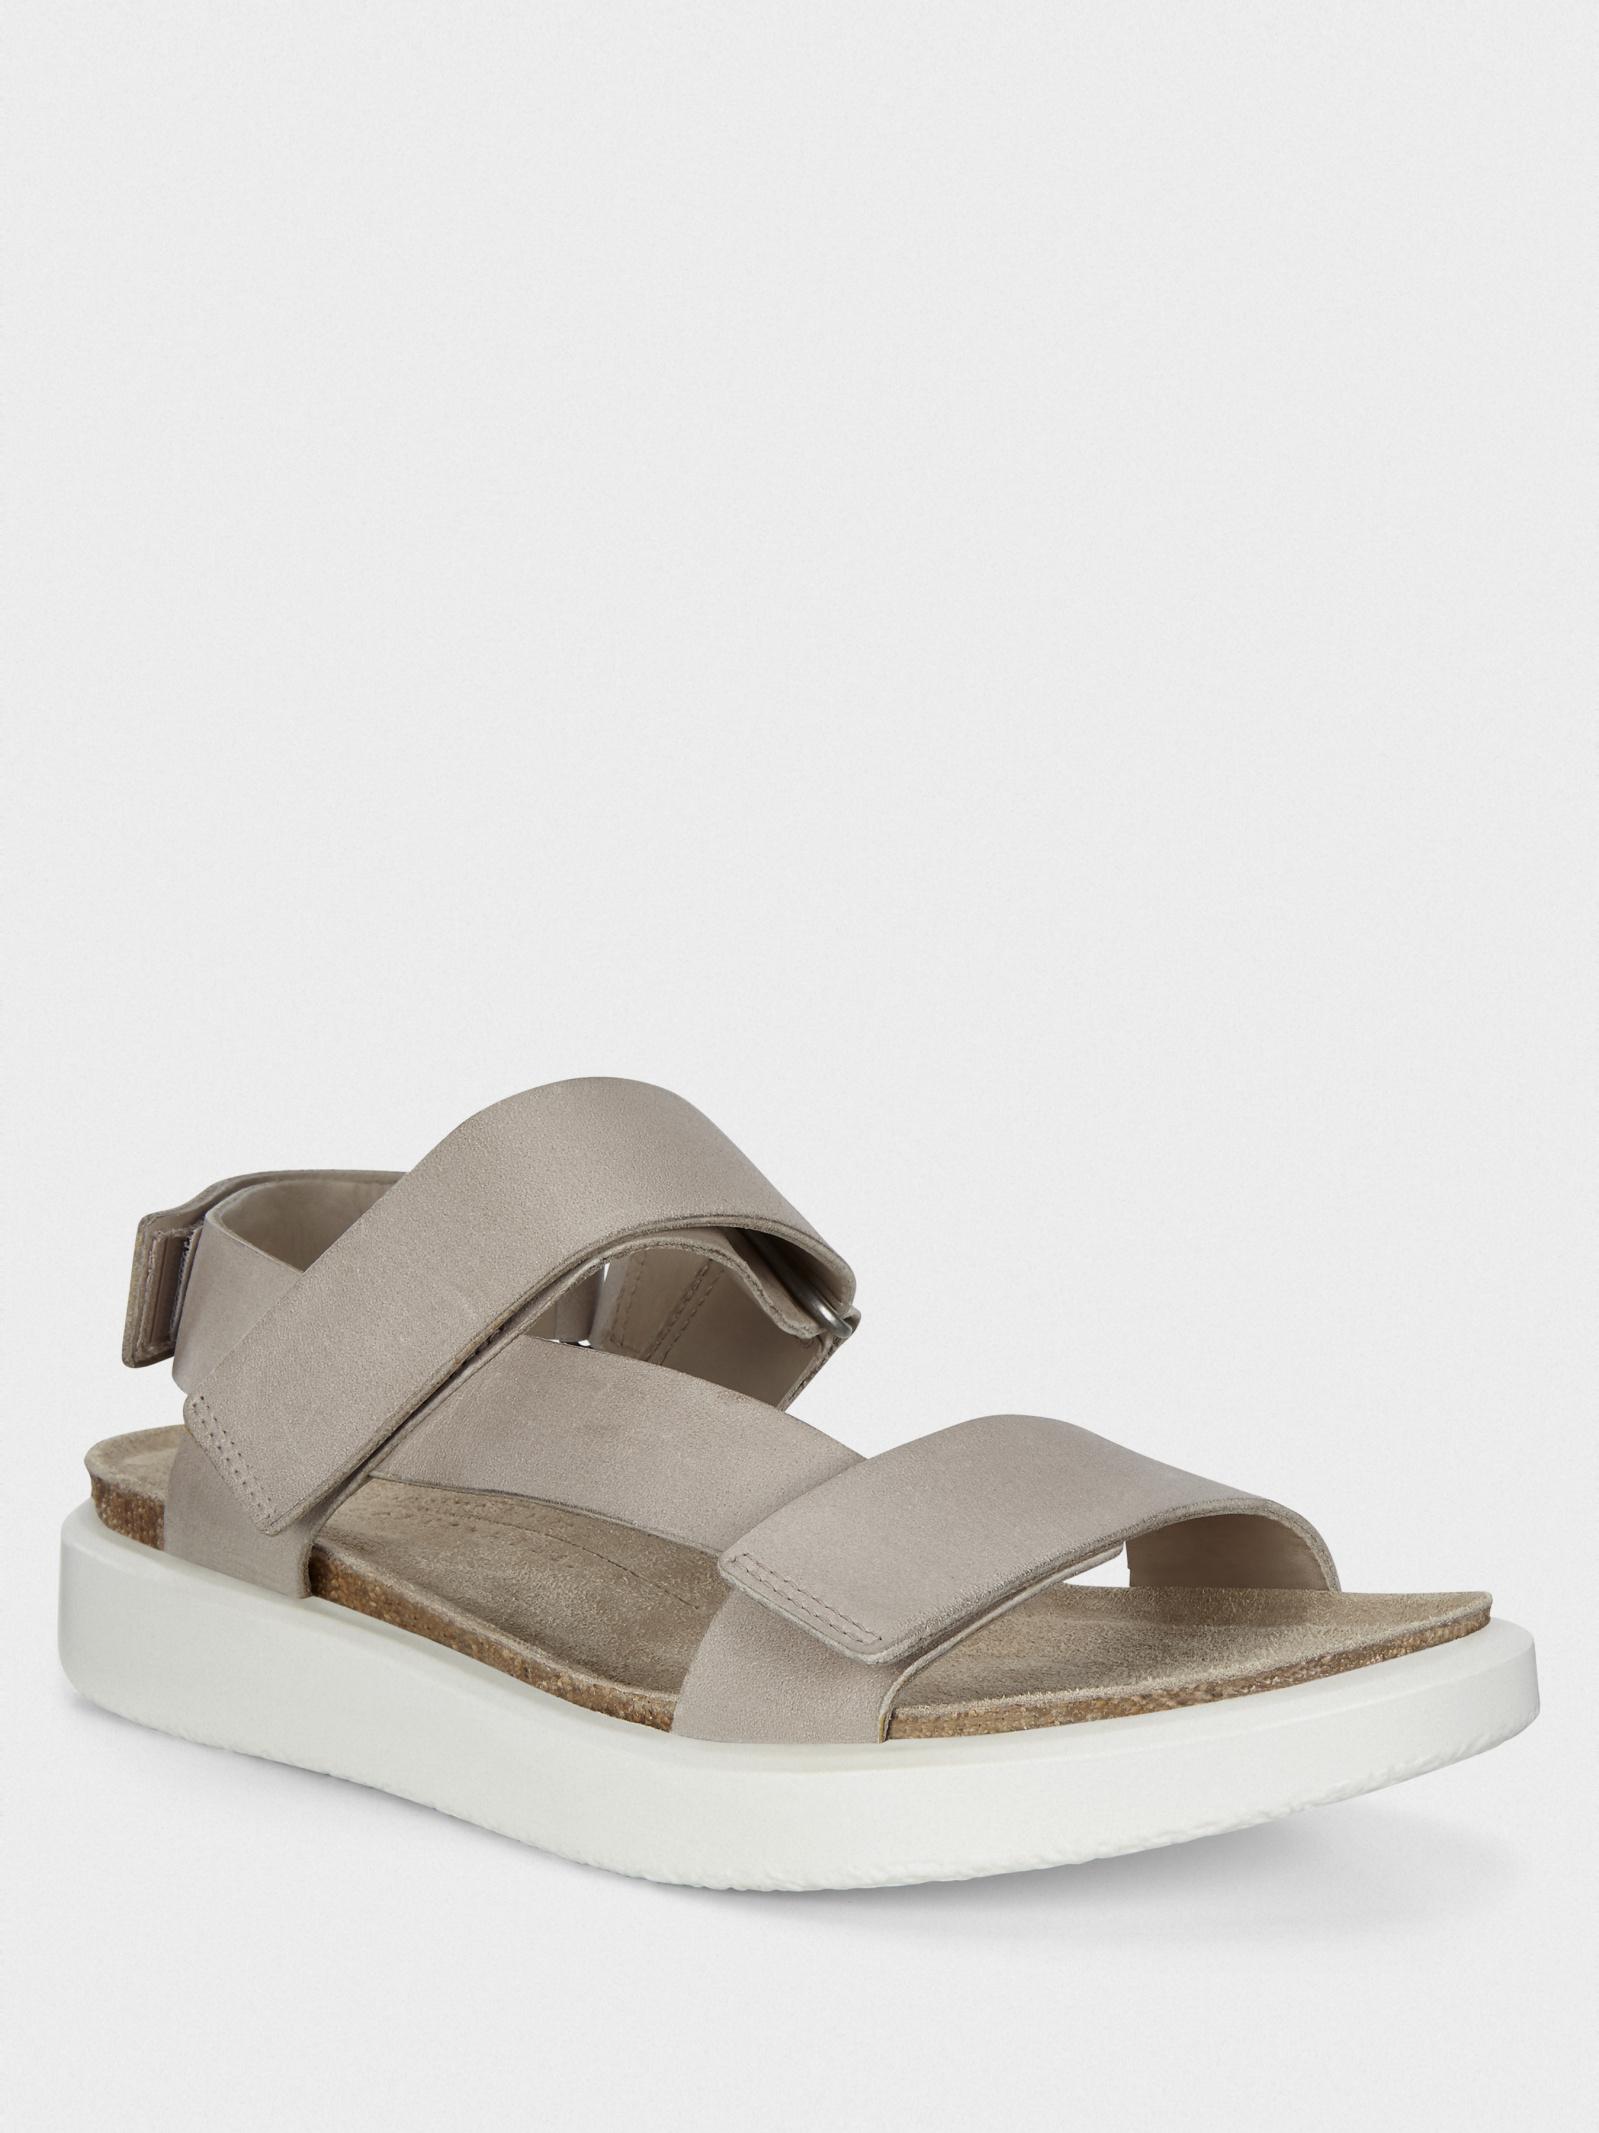 Сандалі  для жінок ECCO CORKSPHERE SANDAL 271813(02459) розмірна сітка взуття, 2017